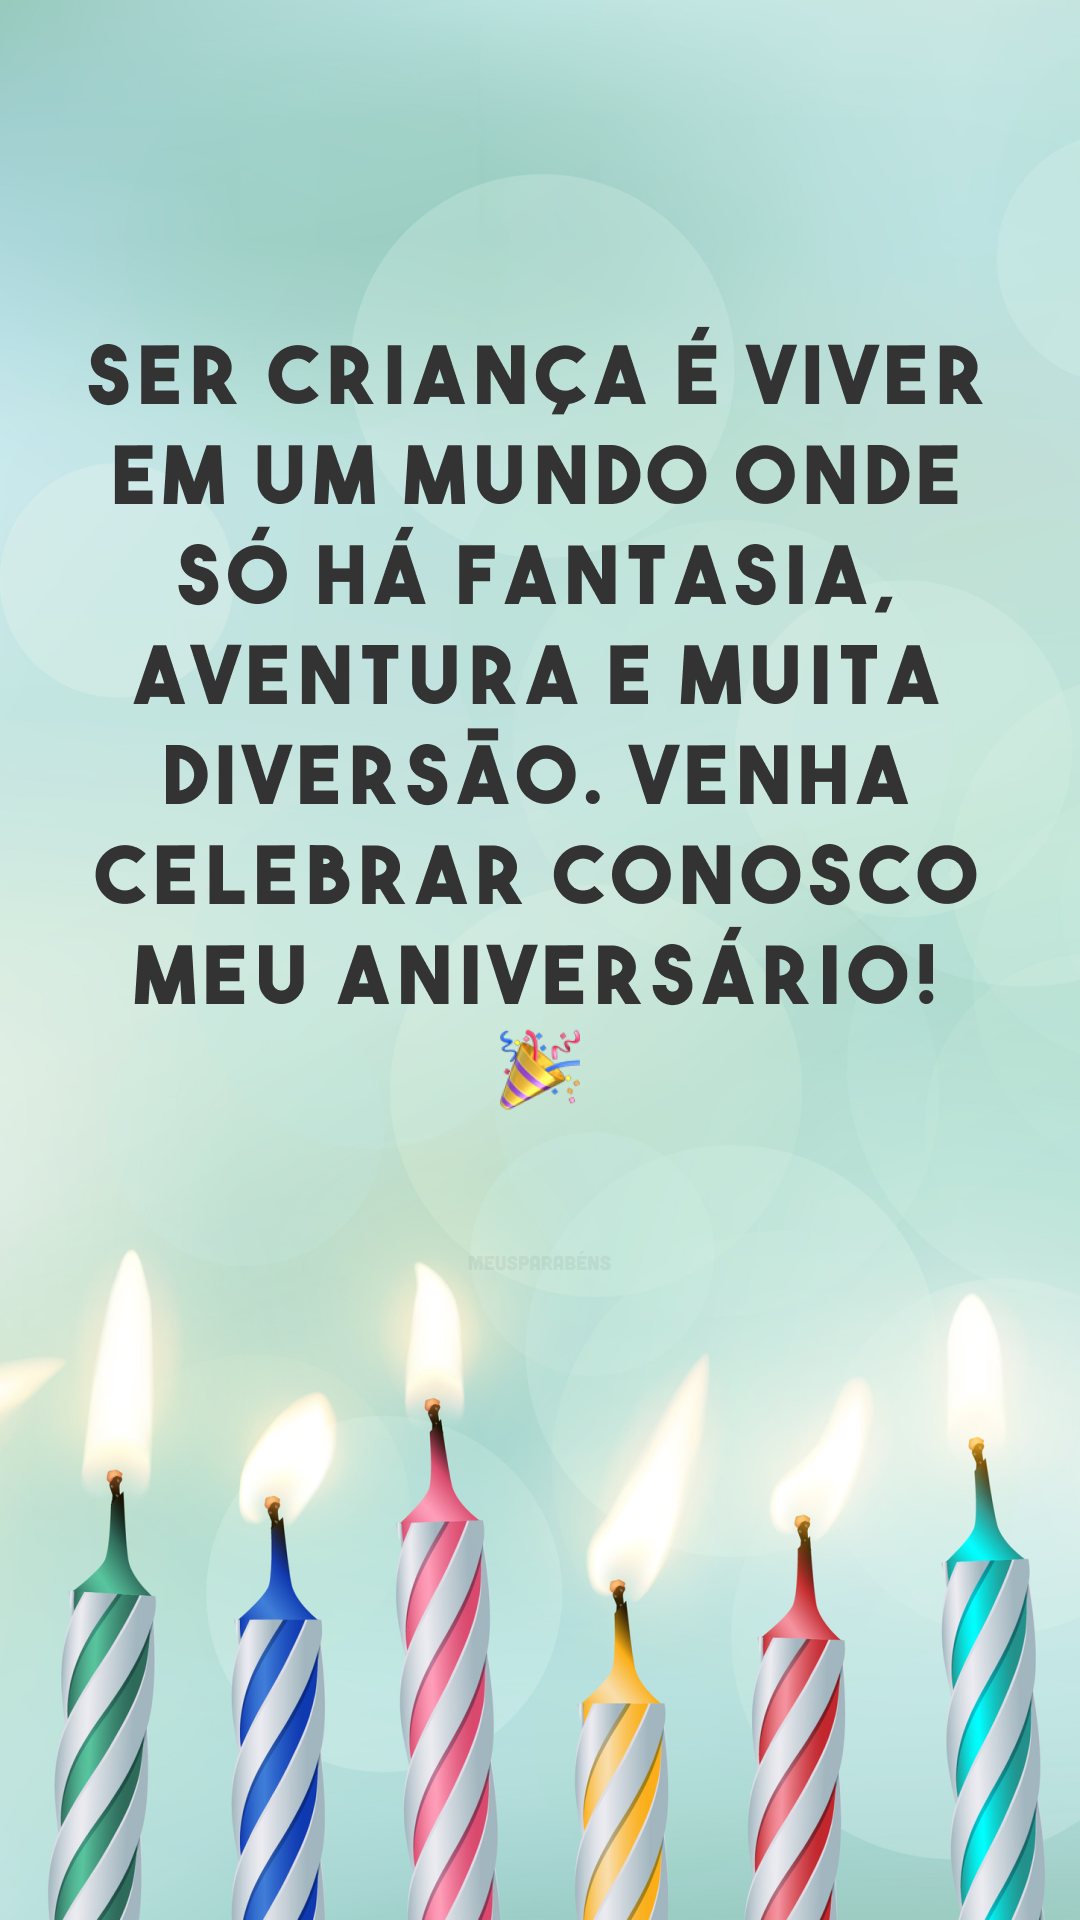 Ser criança é viver em um mundo onde só há fantasia, aventura e muita diversão. Venha celebrar conosco meu aniversário! 🎉